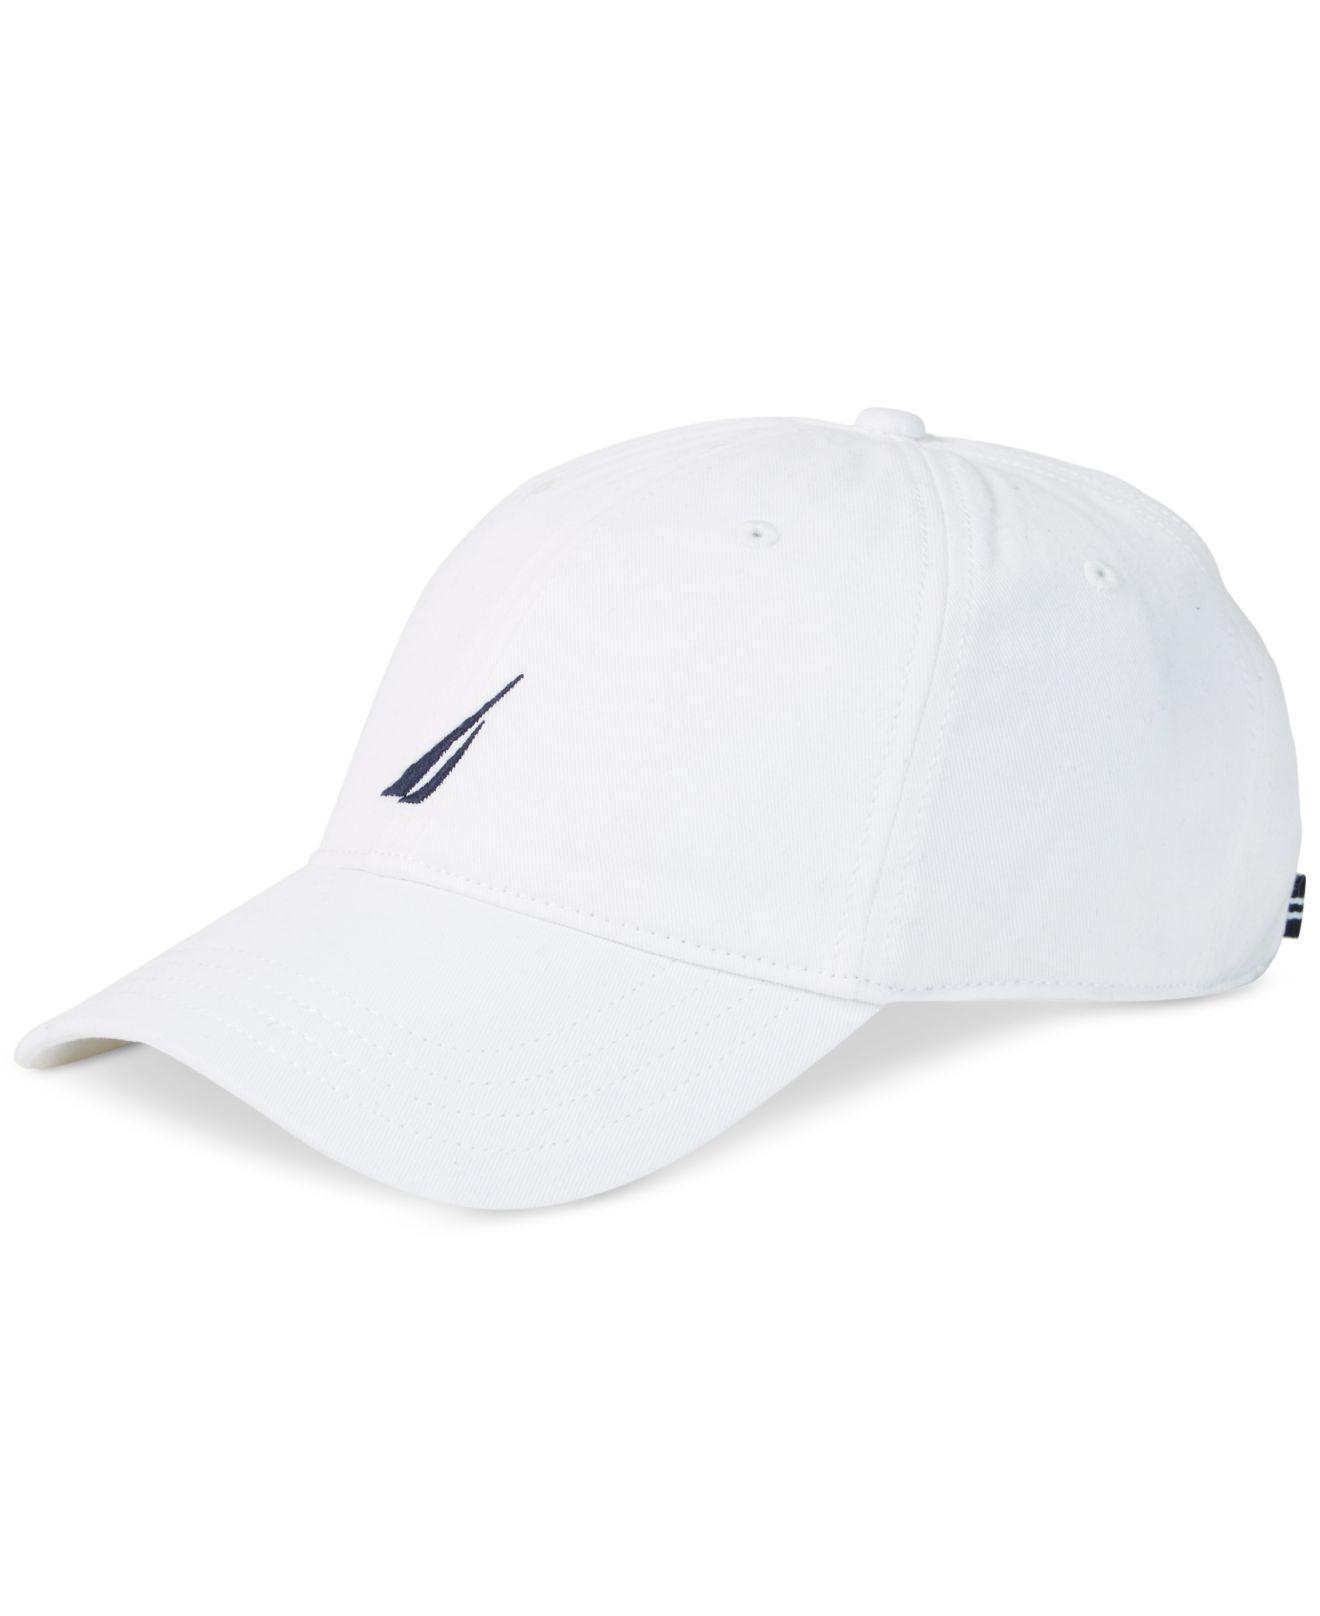 277ef1ec214 Lyst - Nautica Logo Baseball Cap in White for Men